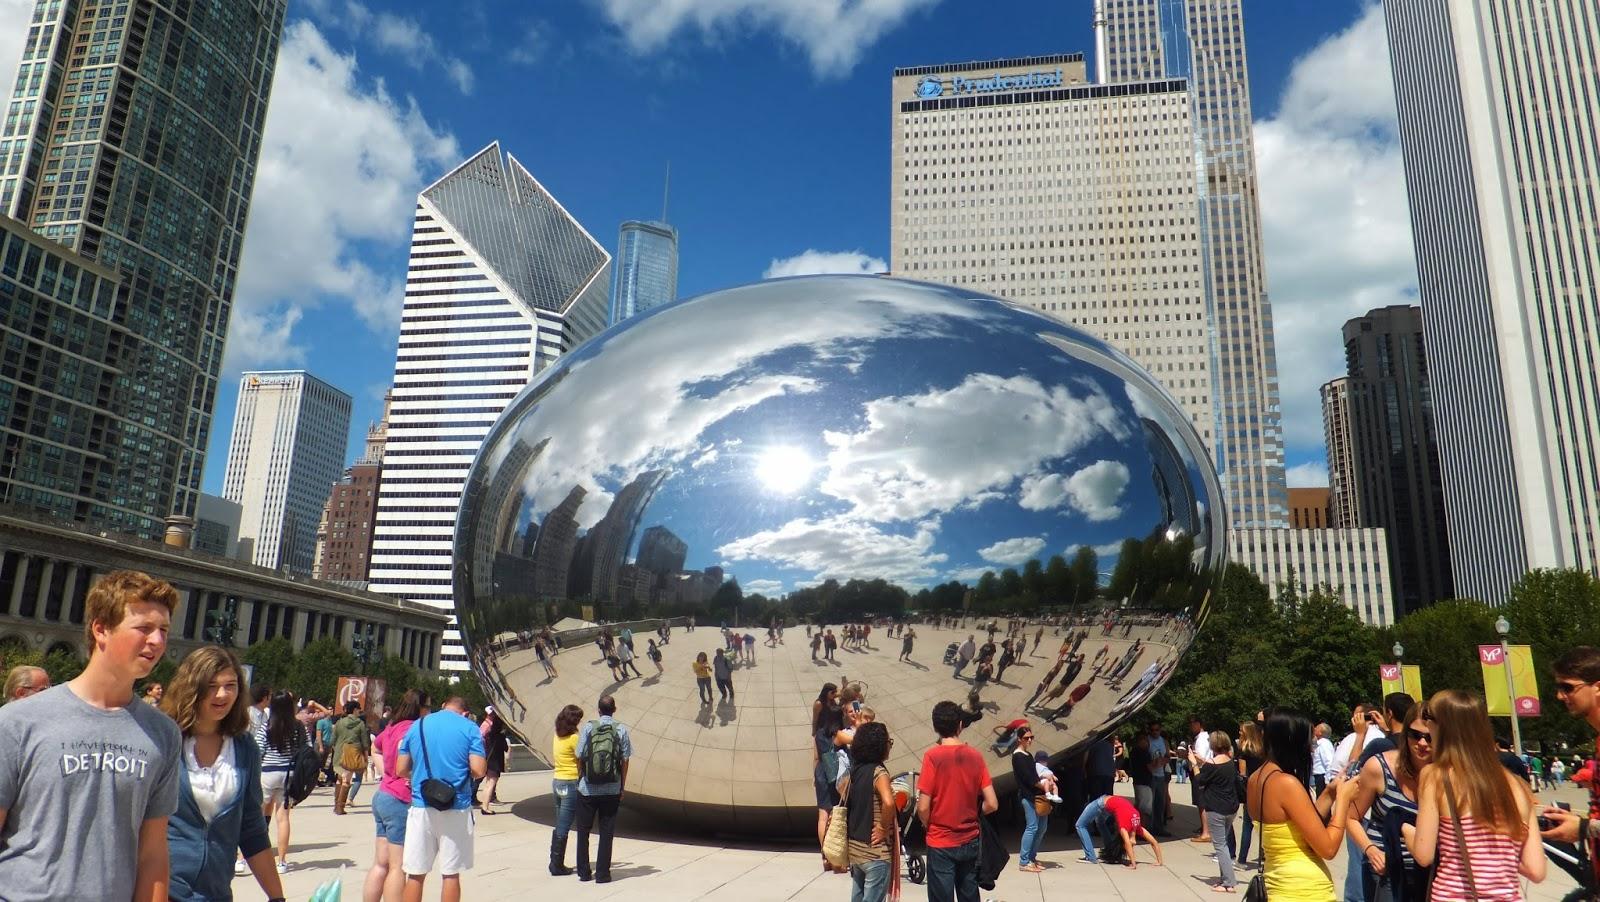 The Bean, Millennium Park, Parque del Milenio, Chicago, Elisa N, Blog de Viajes, Lifestyle, Travel